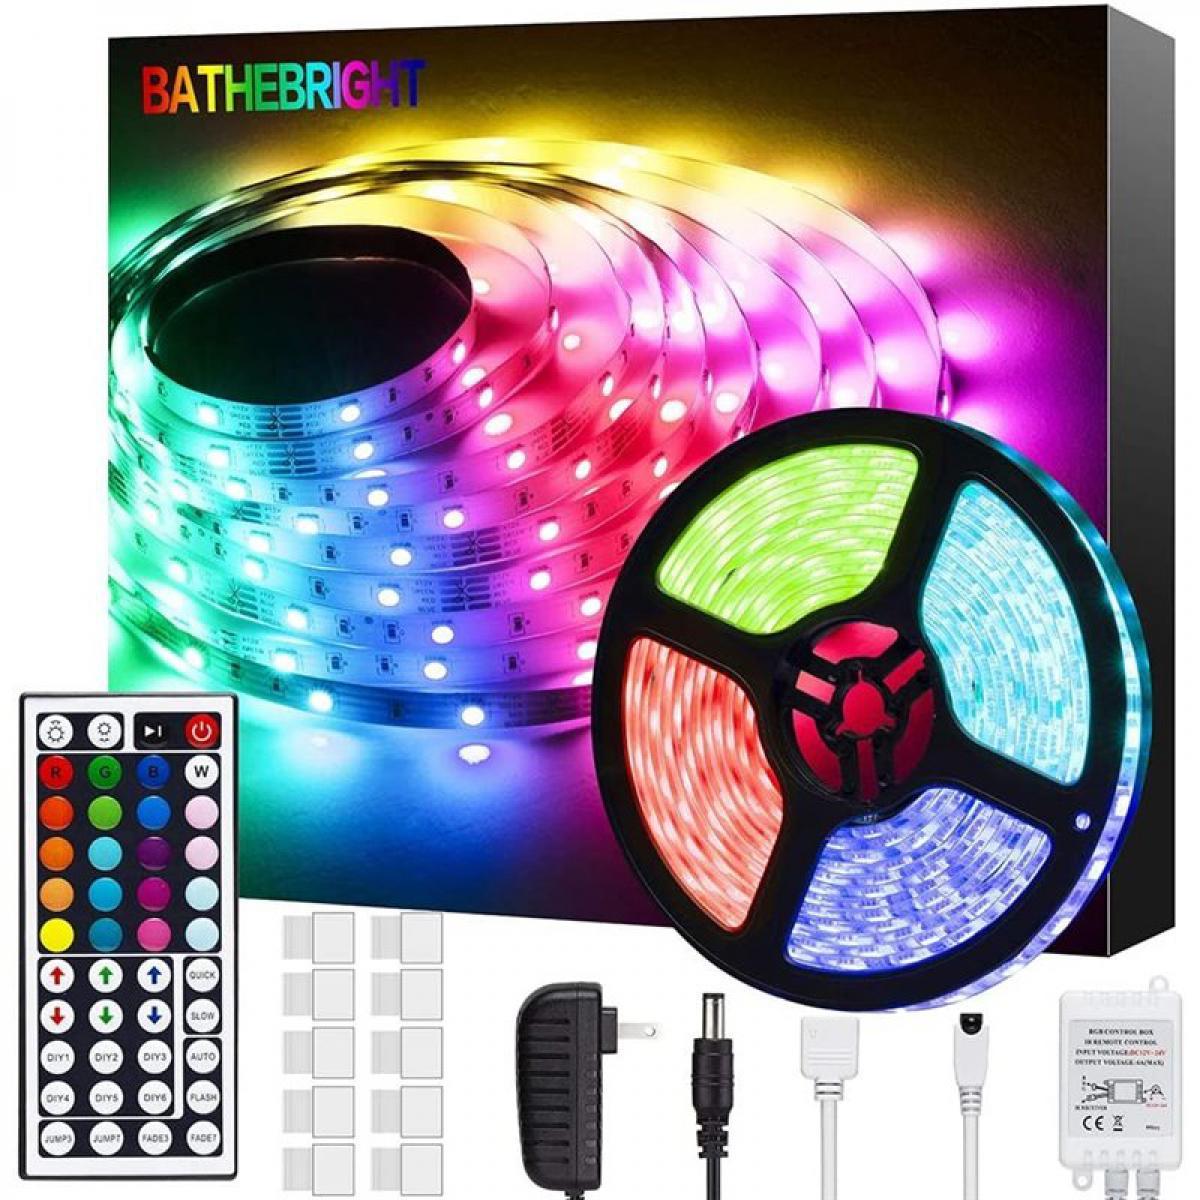 Deoditoo Guirlande Etanche à Eclairage LED 10 Mètres avec 300 LEDs 5050 RGB Colorées et Contrôleur Bluetooth - RR-FL-C5050RGB-12-